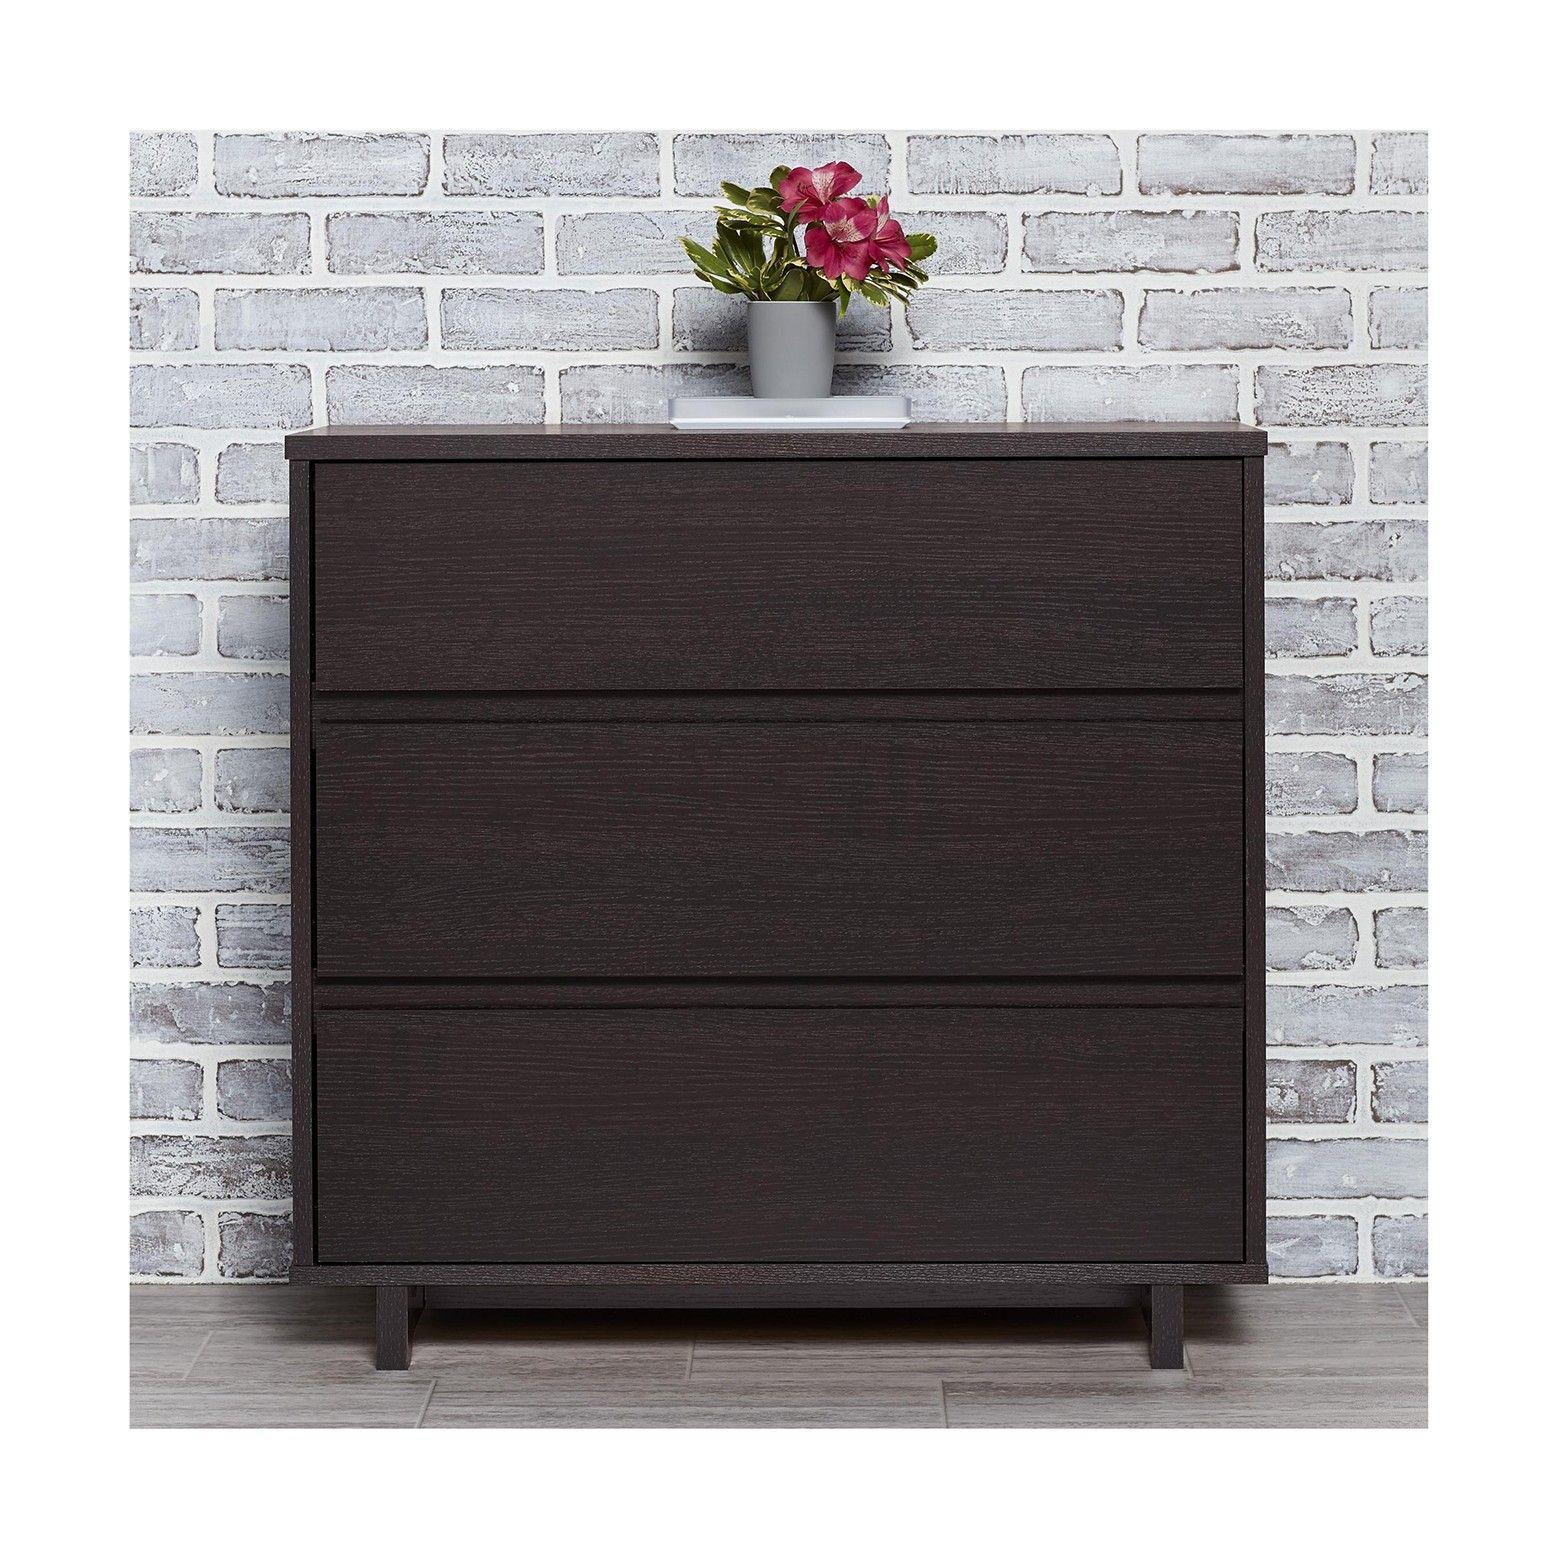 Modern 3 Drawer Dresser Espresso Room Essentials Target 3 Drawer Dresser Dresser Dresser Drawers [ 1560 x 1560 Pixel ]